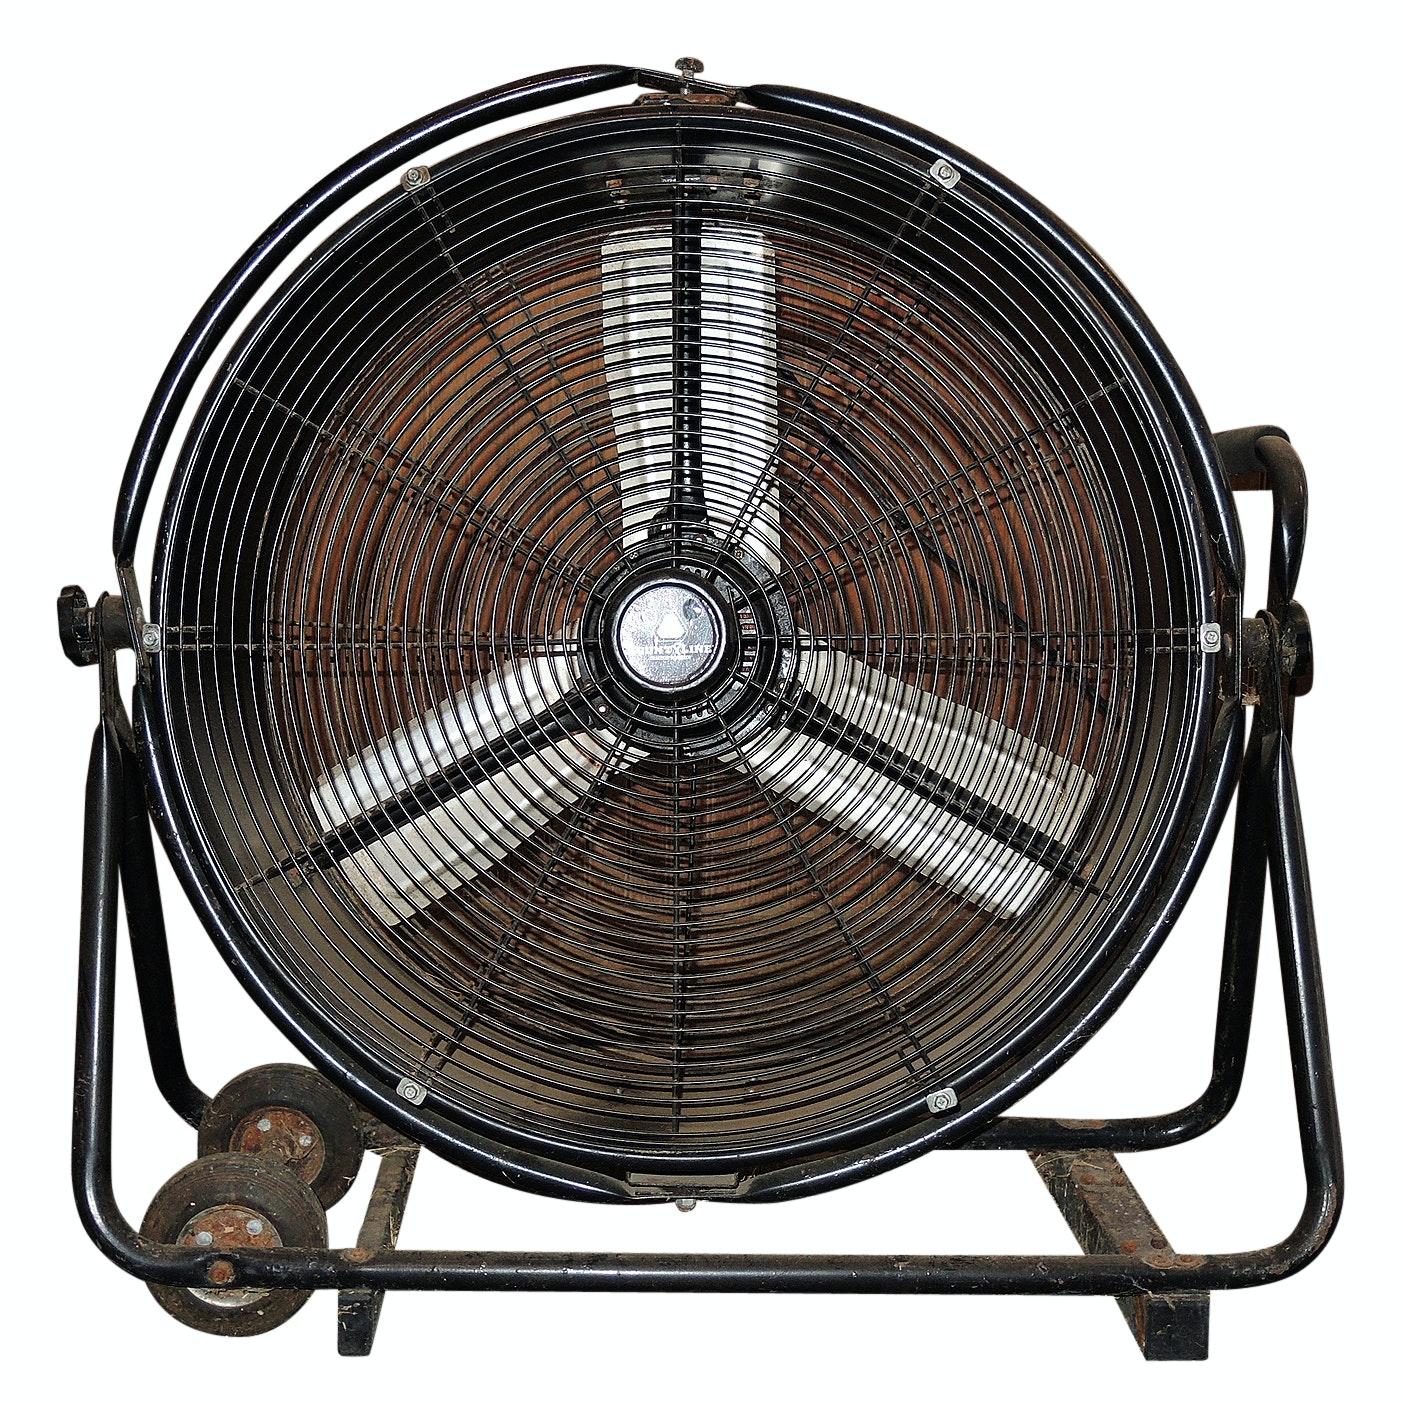 CountyLine Barrel Stable Fan